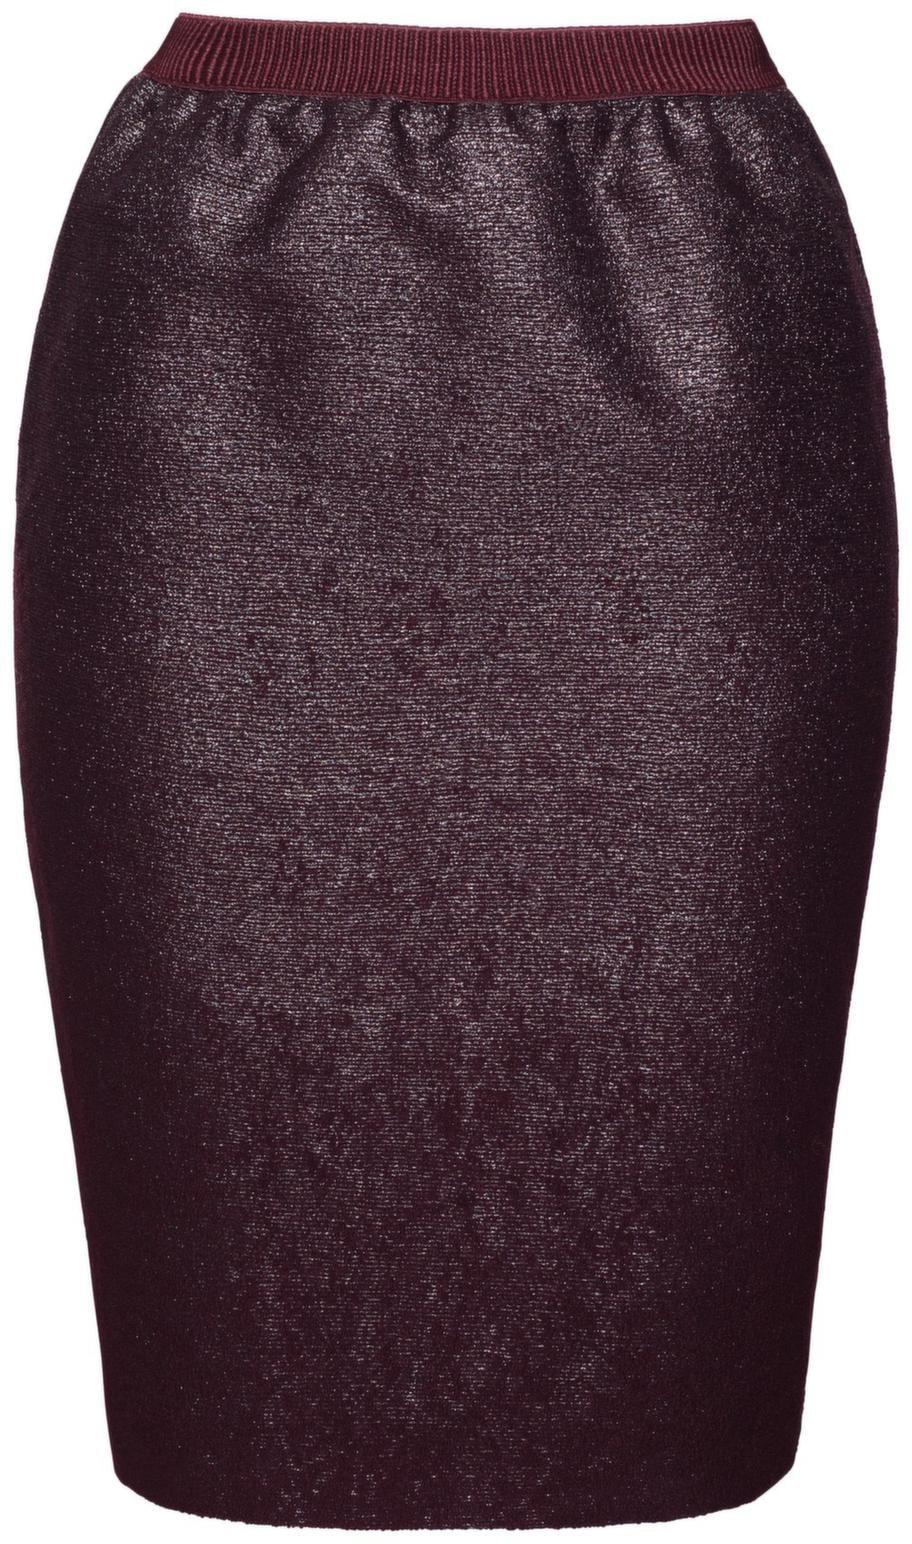 Välj hög midja på kjolar och byxor. Den här pennkjolen har rynkeffekt i midjan vilket breddar höfterna. H&M, 399 kronor.